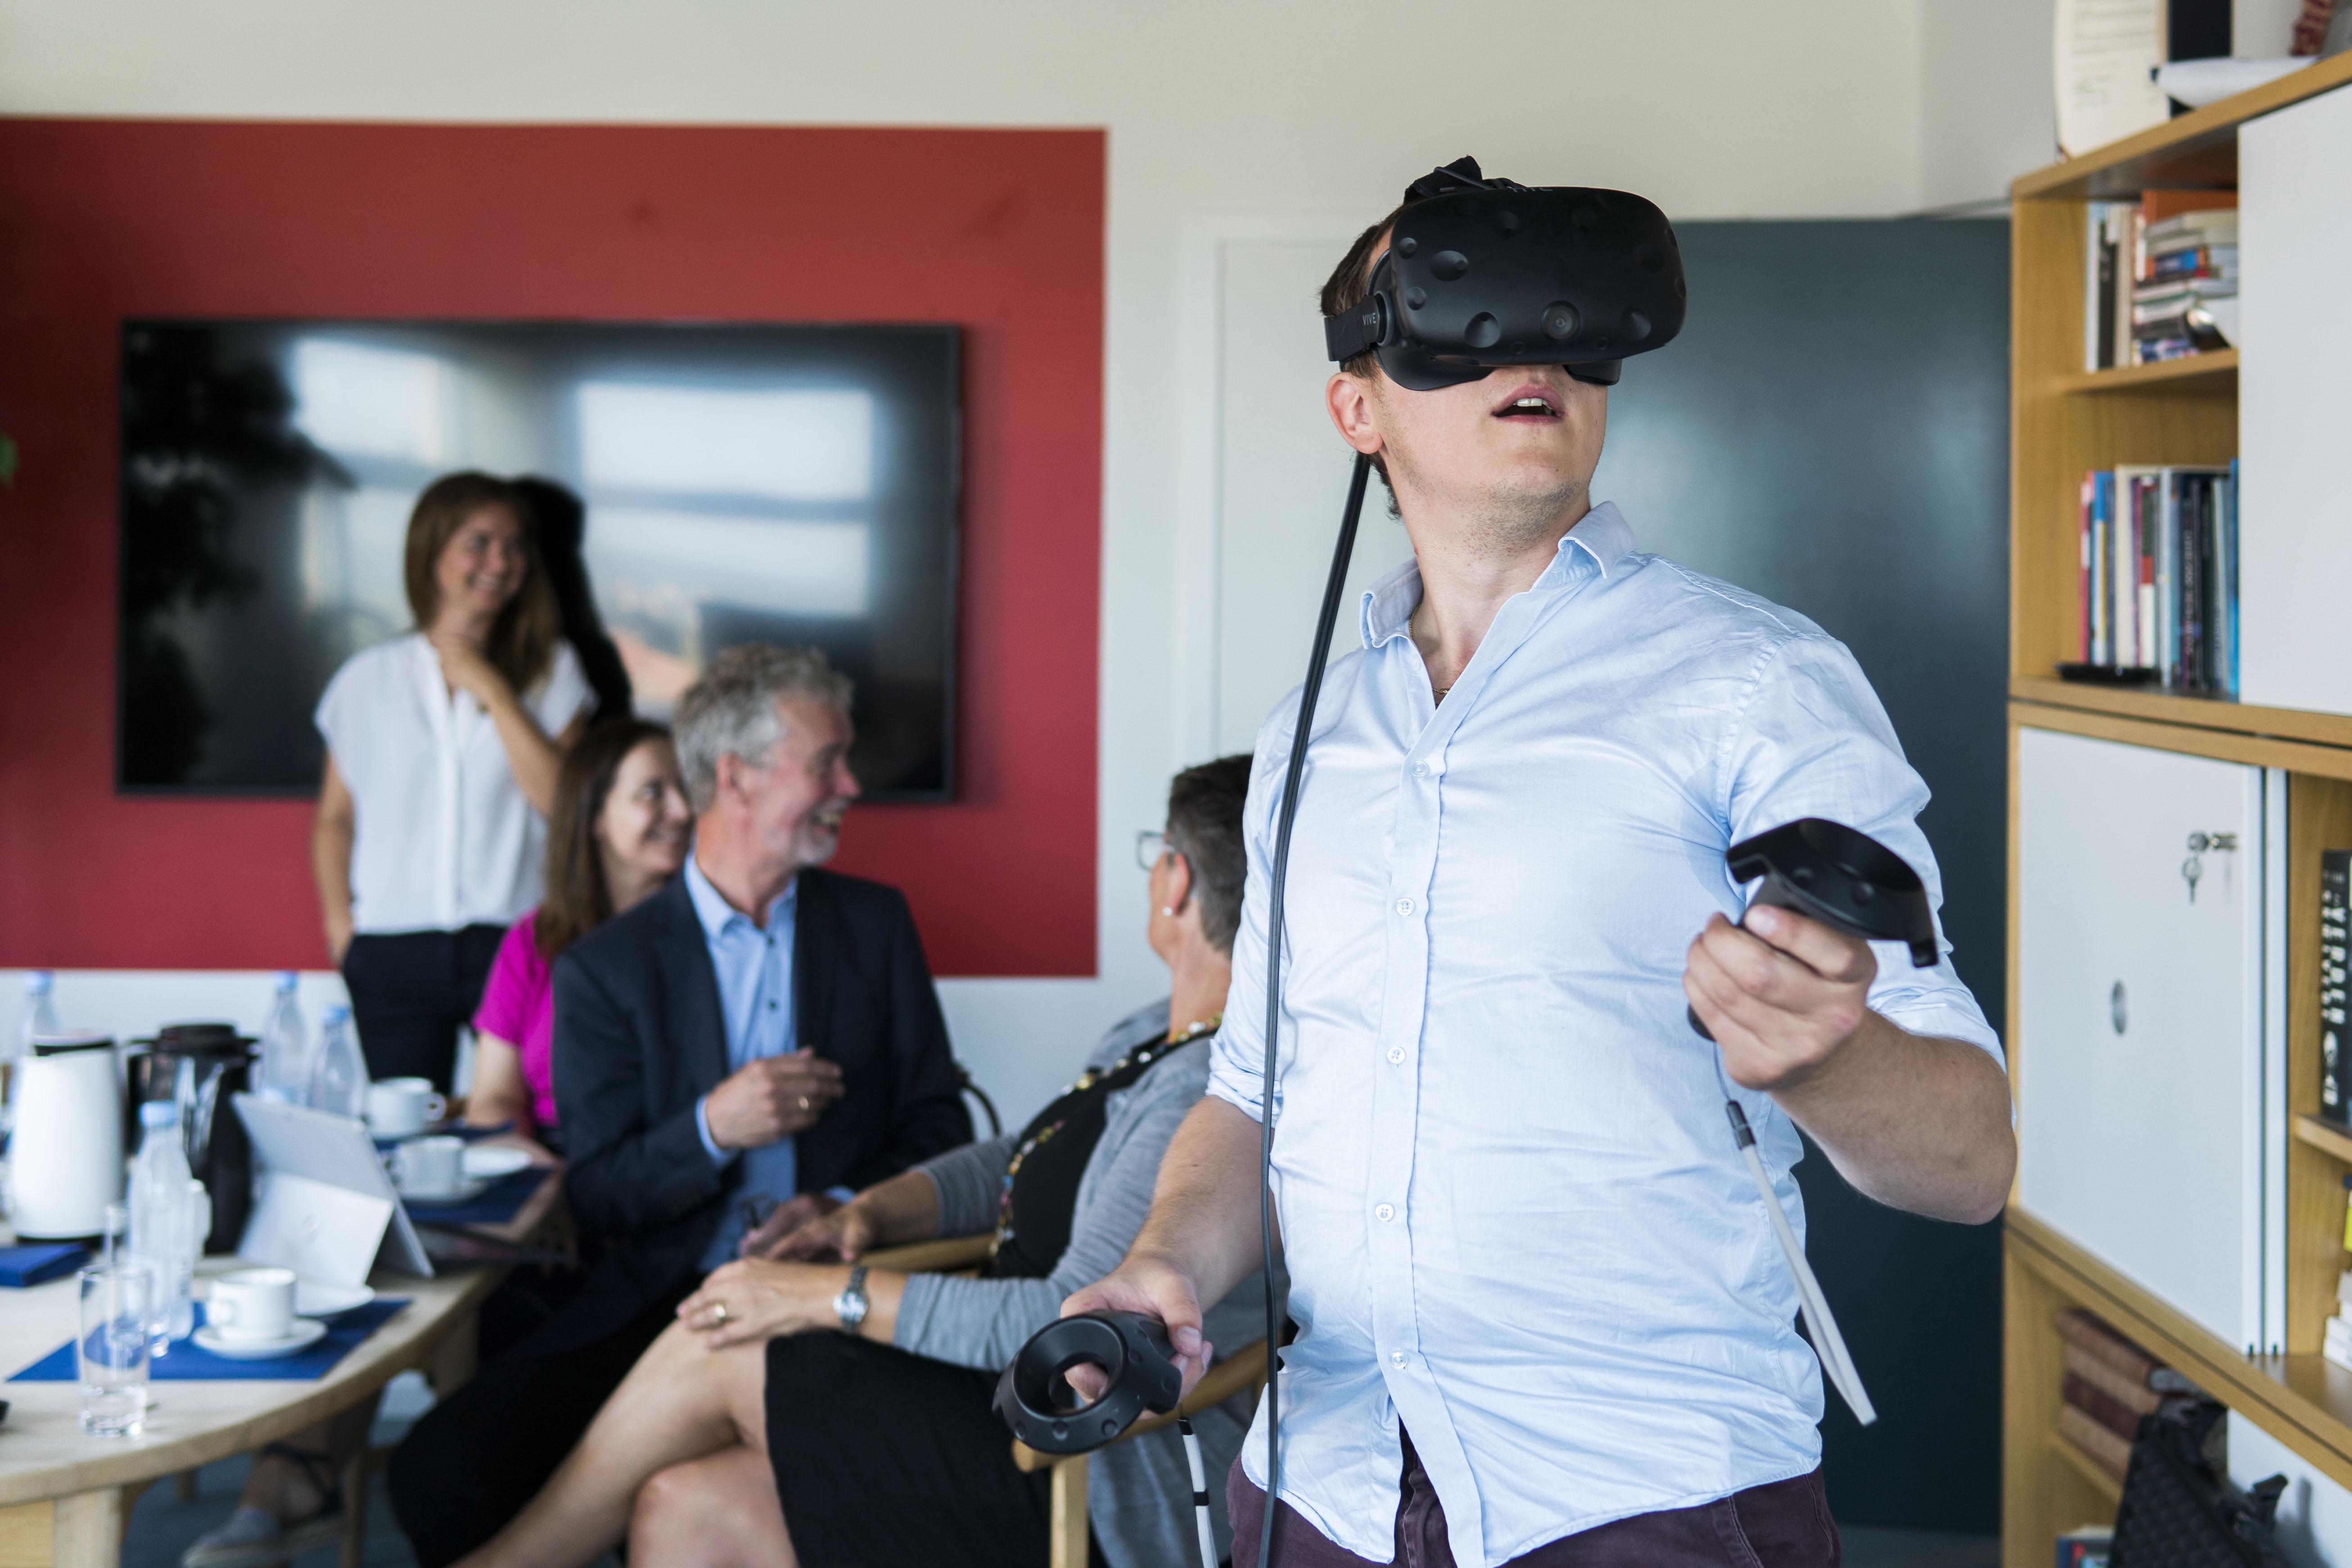 Elever på detailhandelsuddannelsen kommer snart til at kunne arbejde med butiksdrift, salg og visuel merchandising i Virtual Reality (VR).   eVidenCenter har netop opnået støtte fra Region Midtjylland til et VR-projekt i samarbejde med Aarhus Business College, Viden Djurs og Dansk Supermarked Group.